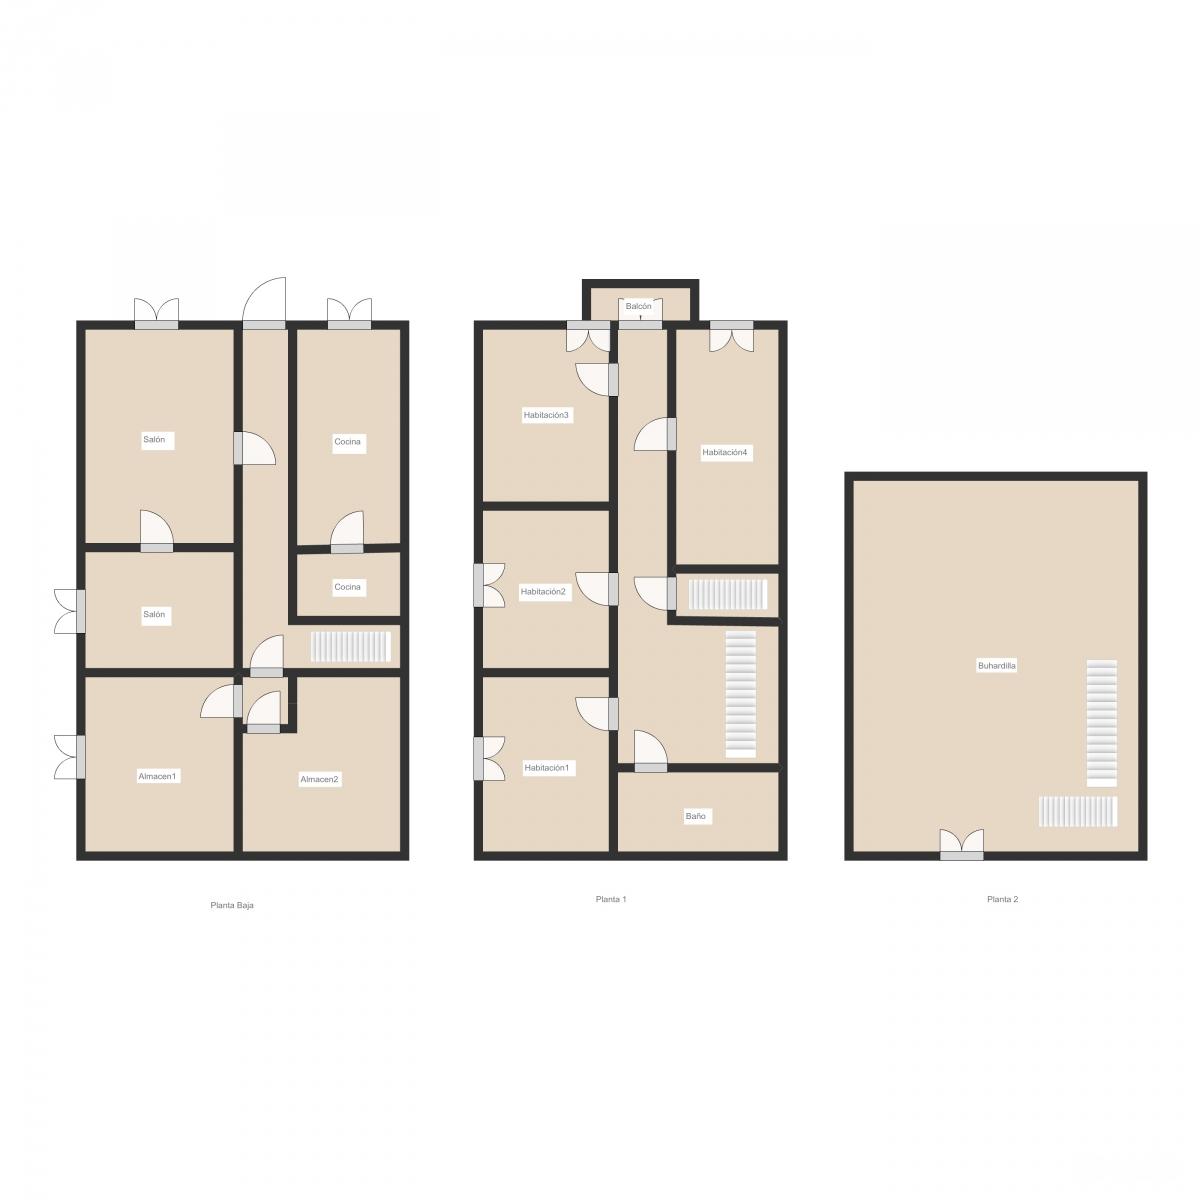 fotograf as y planos 2d para los clientes de housell myphotoagency el lider en fotografia de. Black Bedroom Furniture Sets. Home Design Ideas